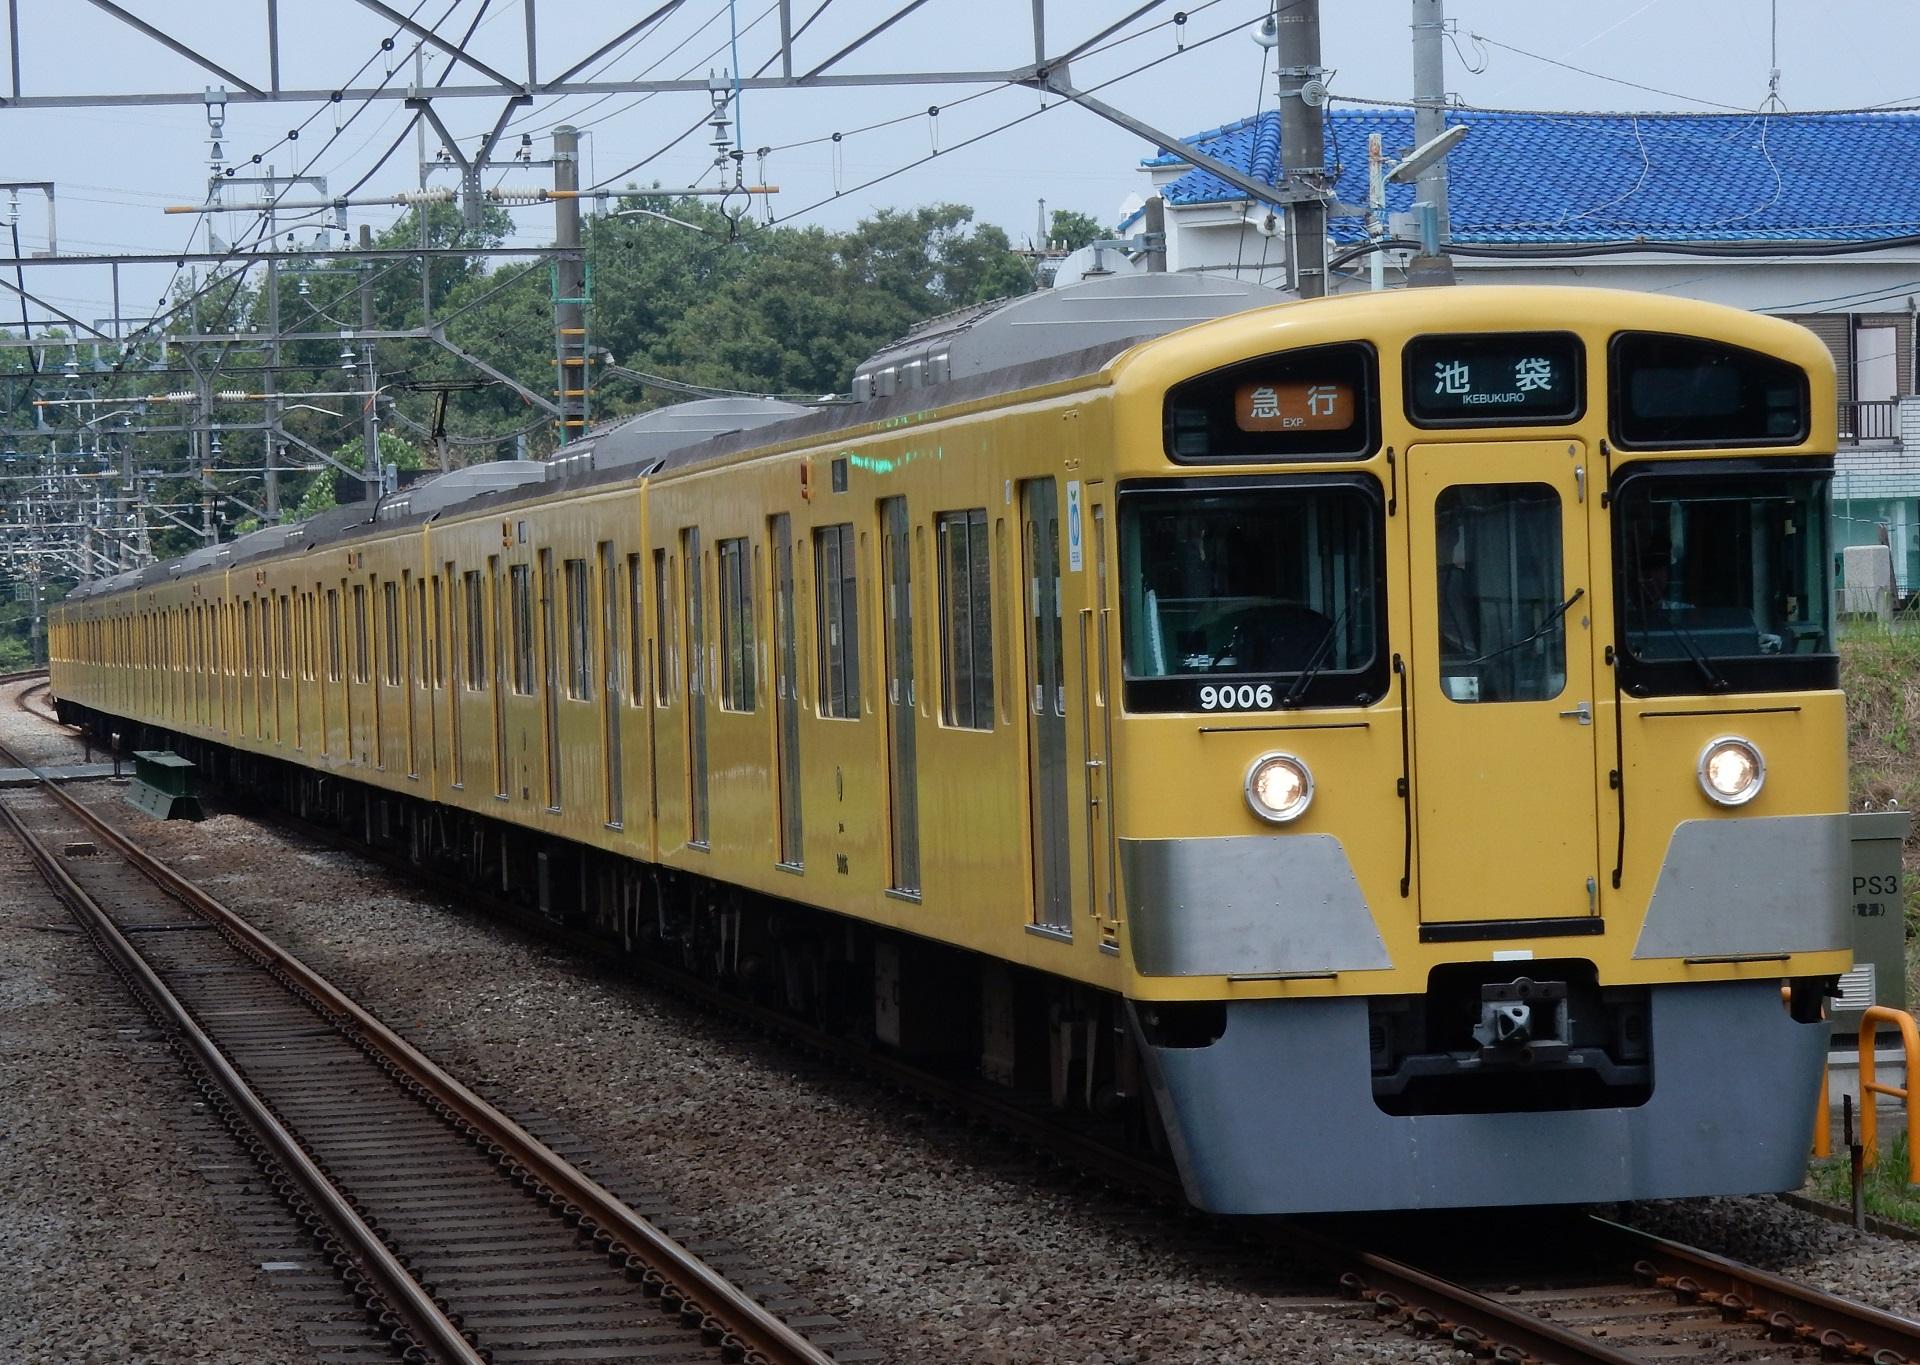 DSCN3270 - コピー